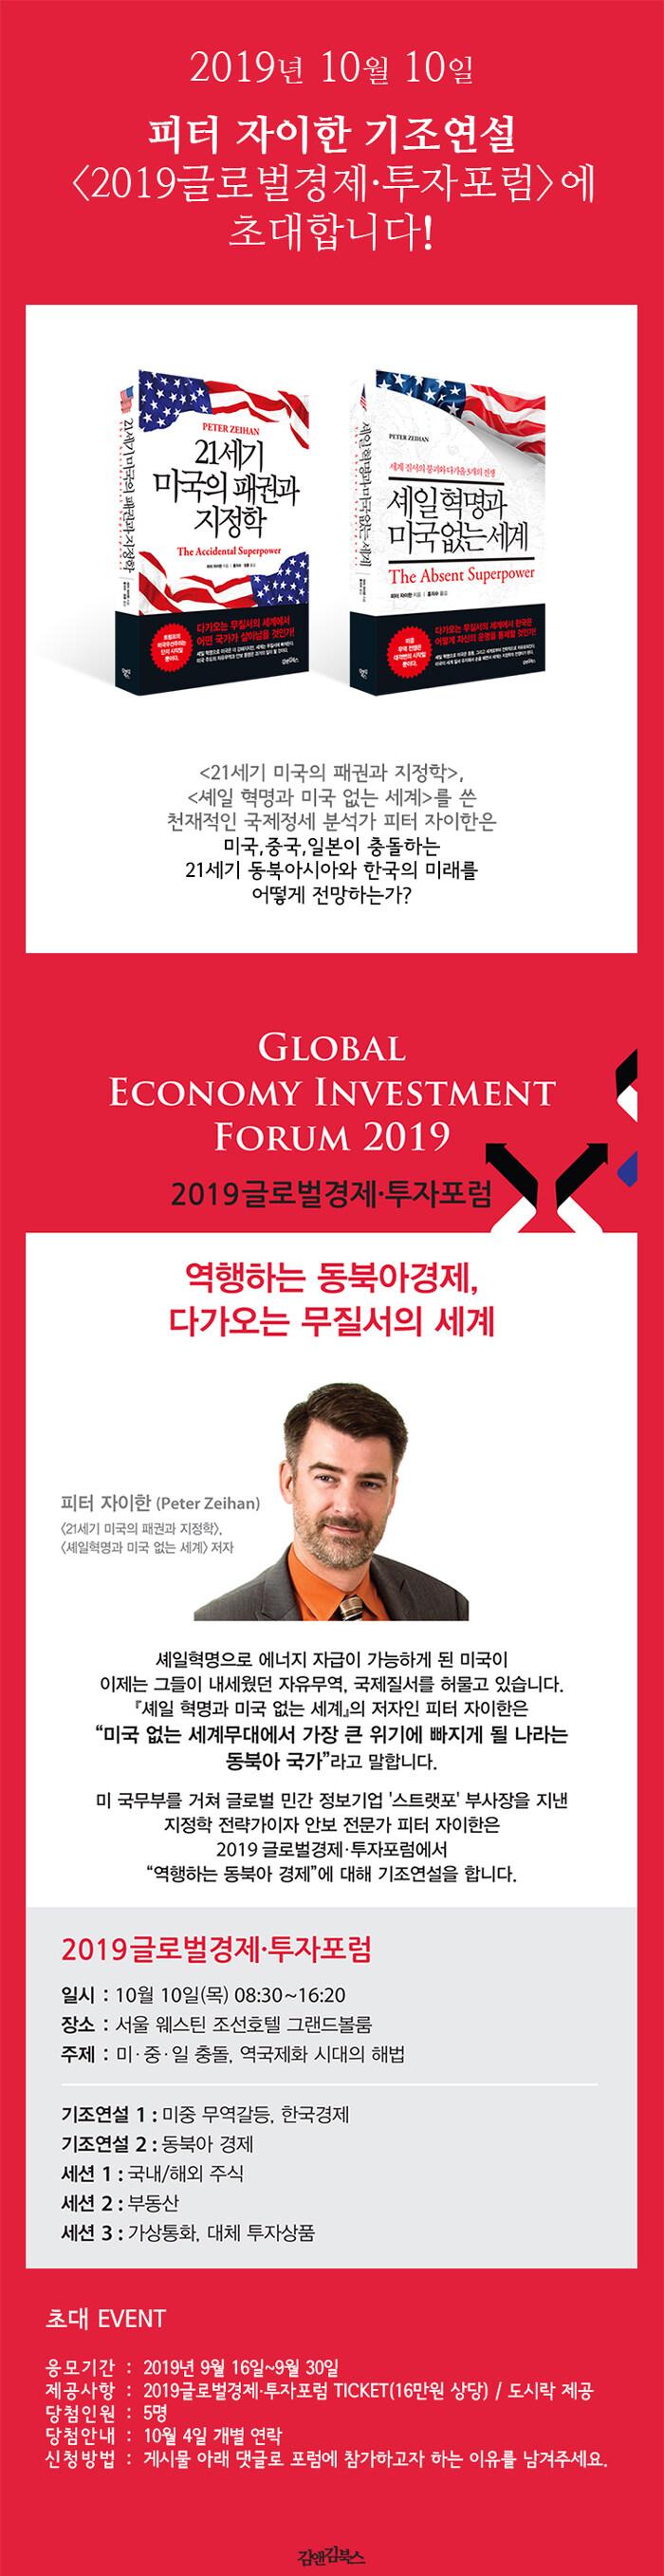 <2019 글로벌경제.투자포럼> 피터 자이한 기조 연설